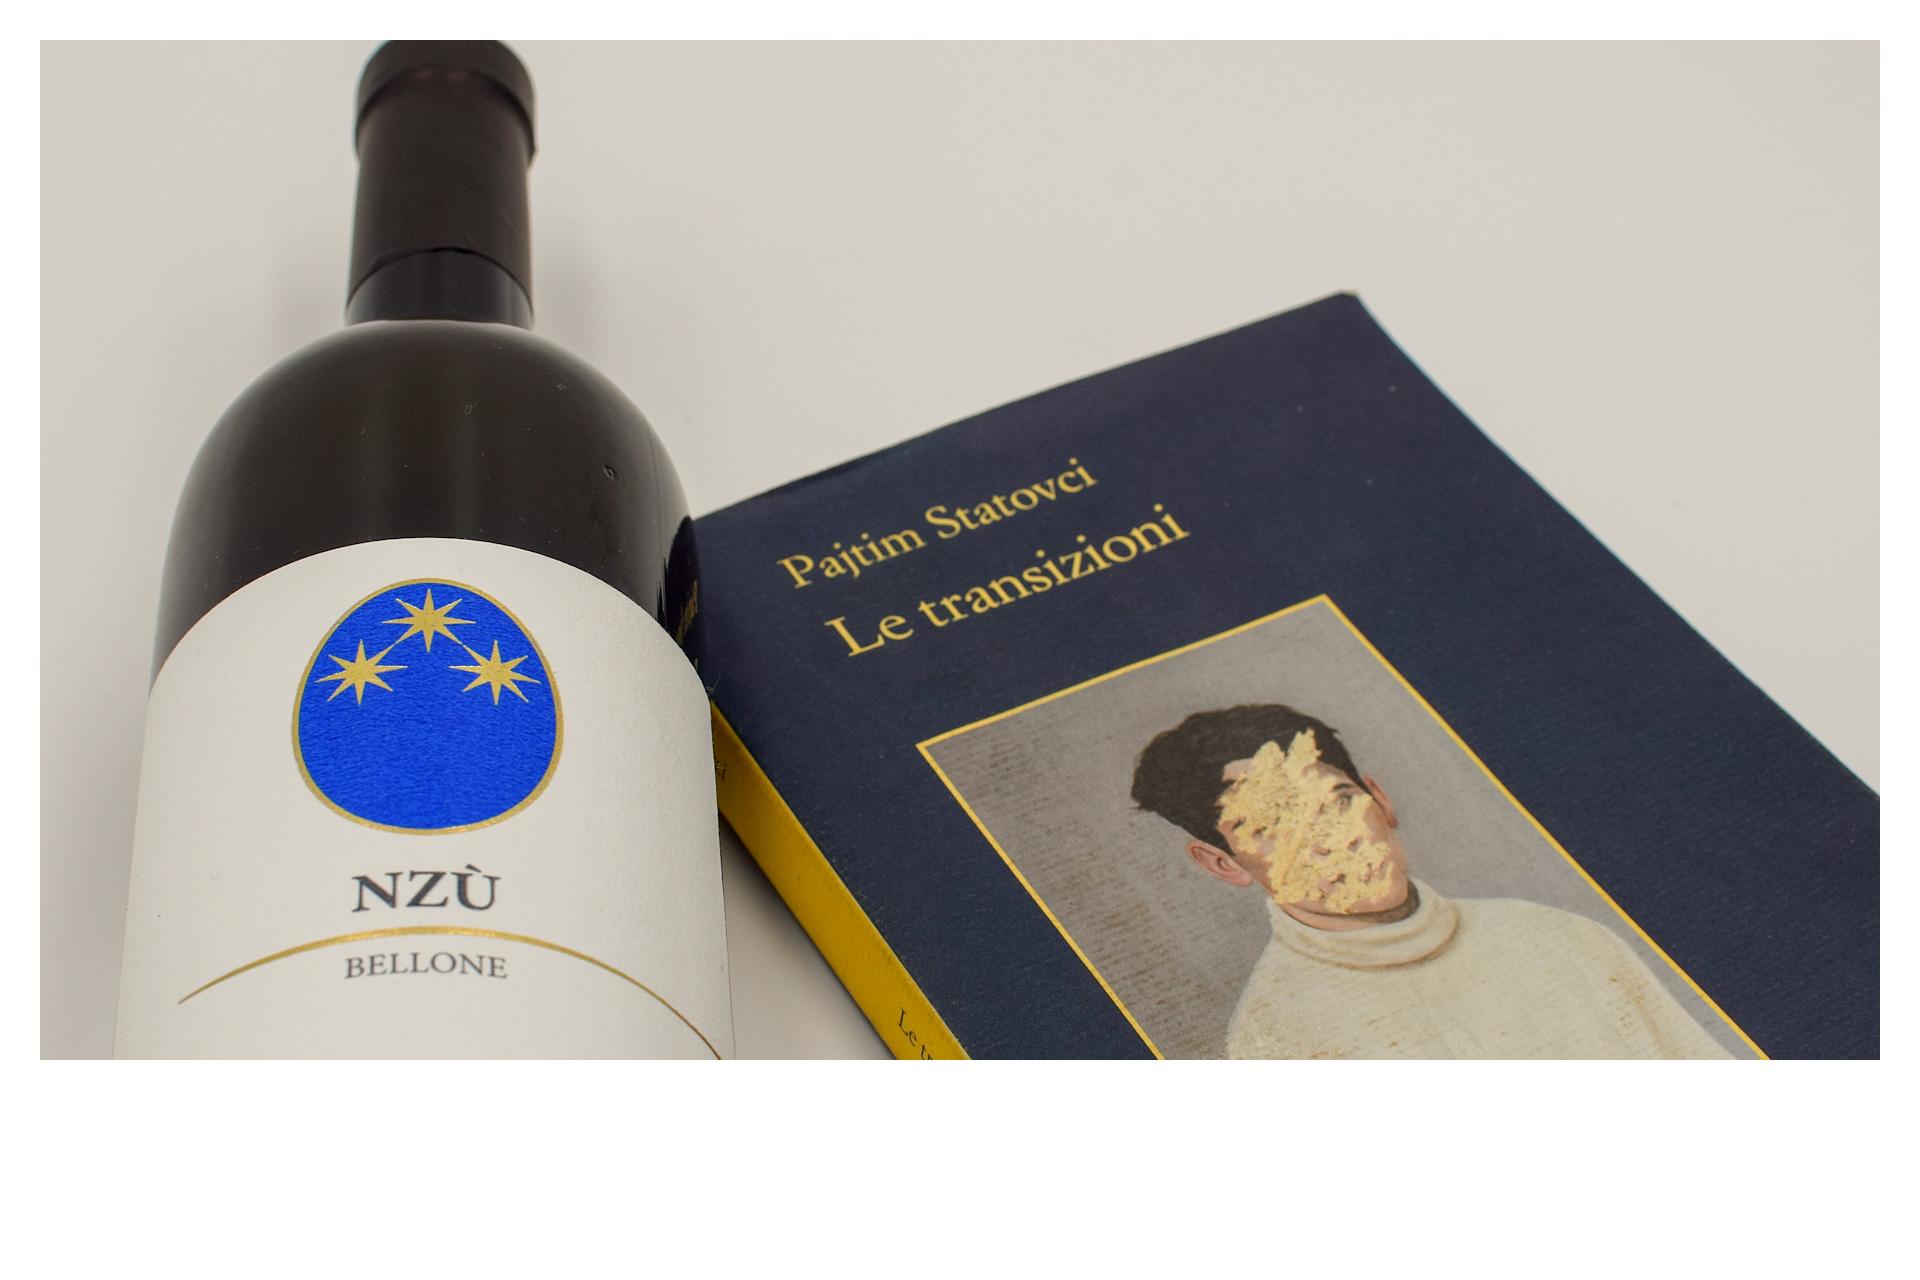 Transizioni di Pahtim Statovci libro e copertina lettura vino